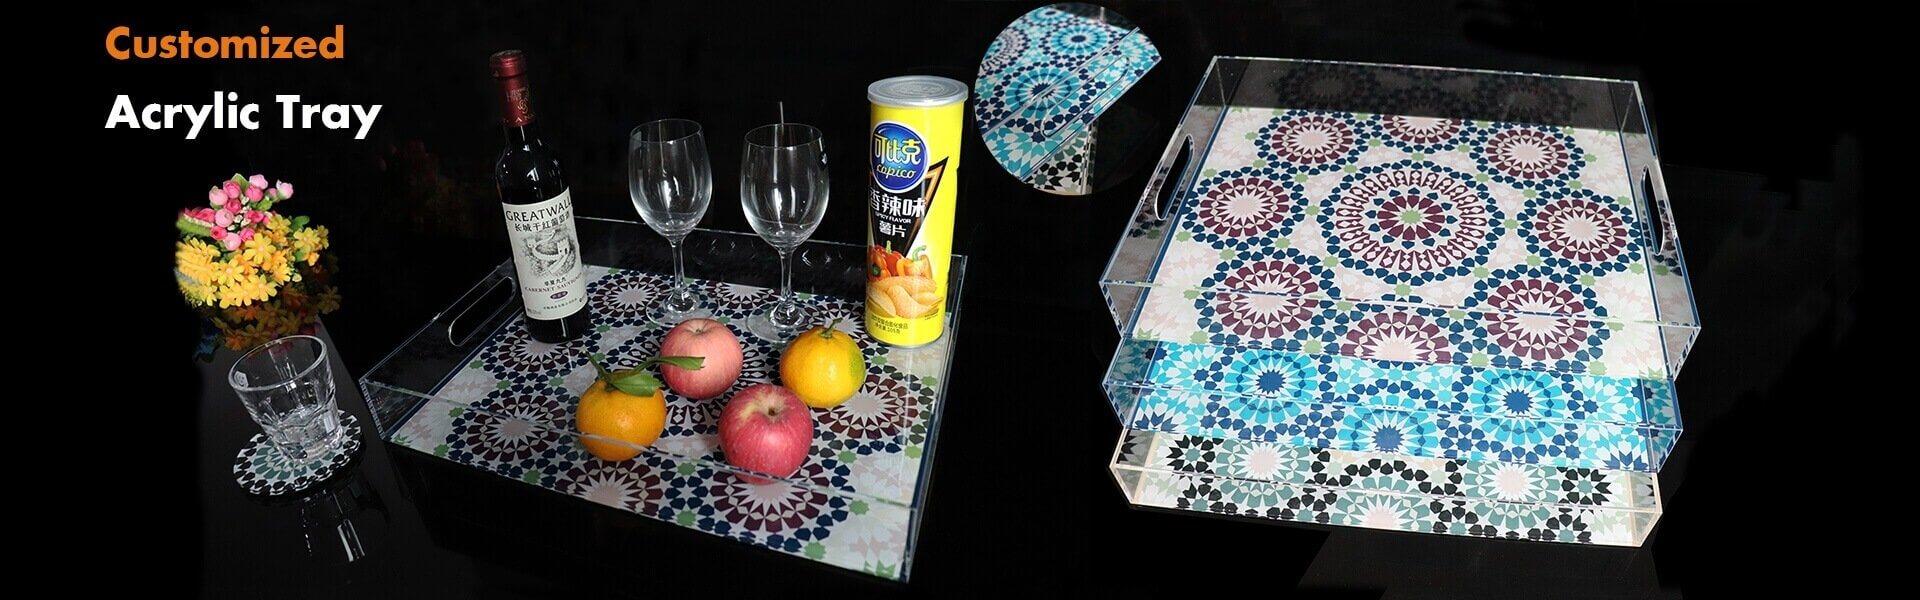 Customized Acrylic Tray